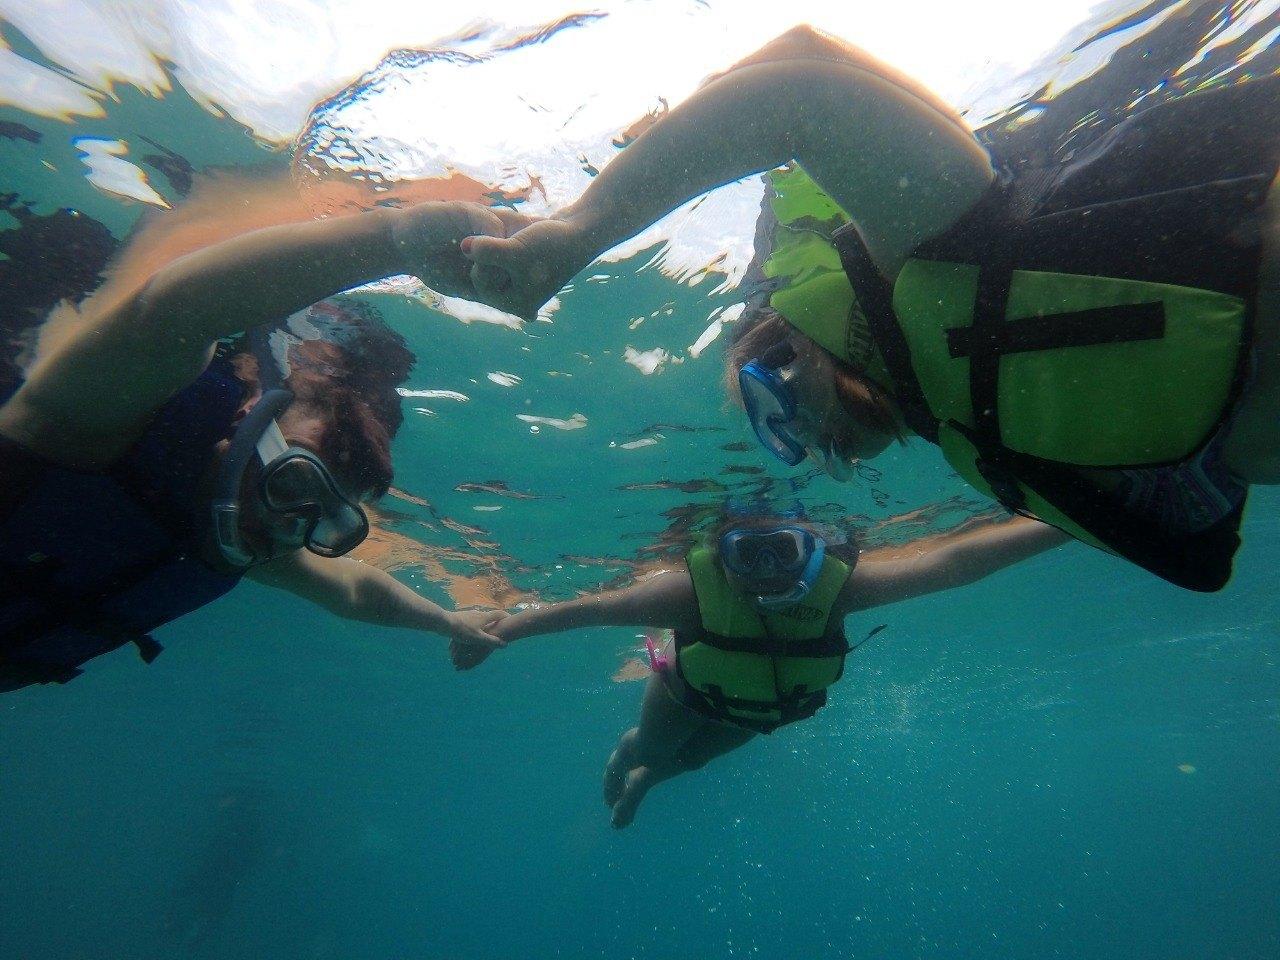 Mergulho de Flutuação para 3 pessoas na Ilha das Couves, Ubatuba-SP